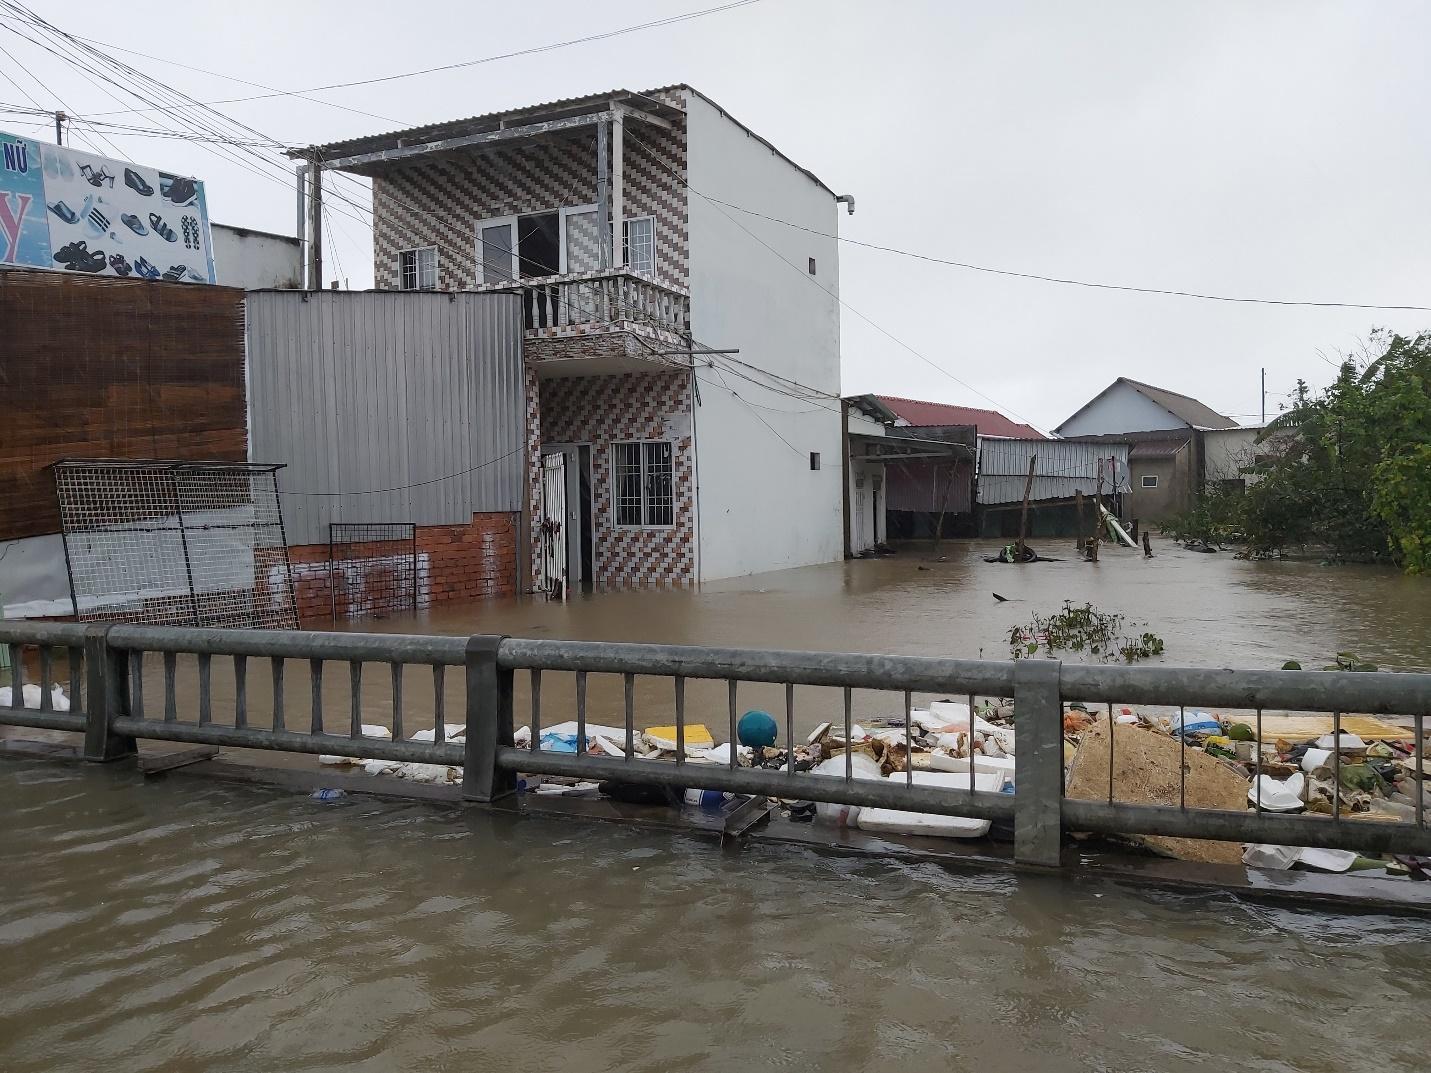 D:\BÁO PLVN\THÁNG 9\24.9 phú quốc\Cống ở rạch Ông Trì ở đường Mạc Cửu nước ngập ở trận lụt ngày 9-8..jpg